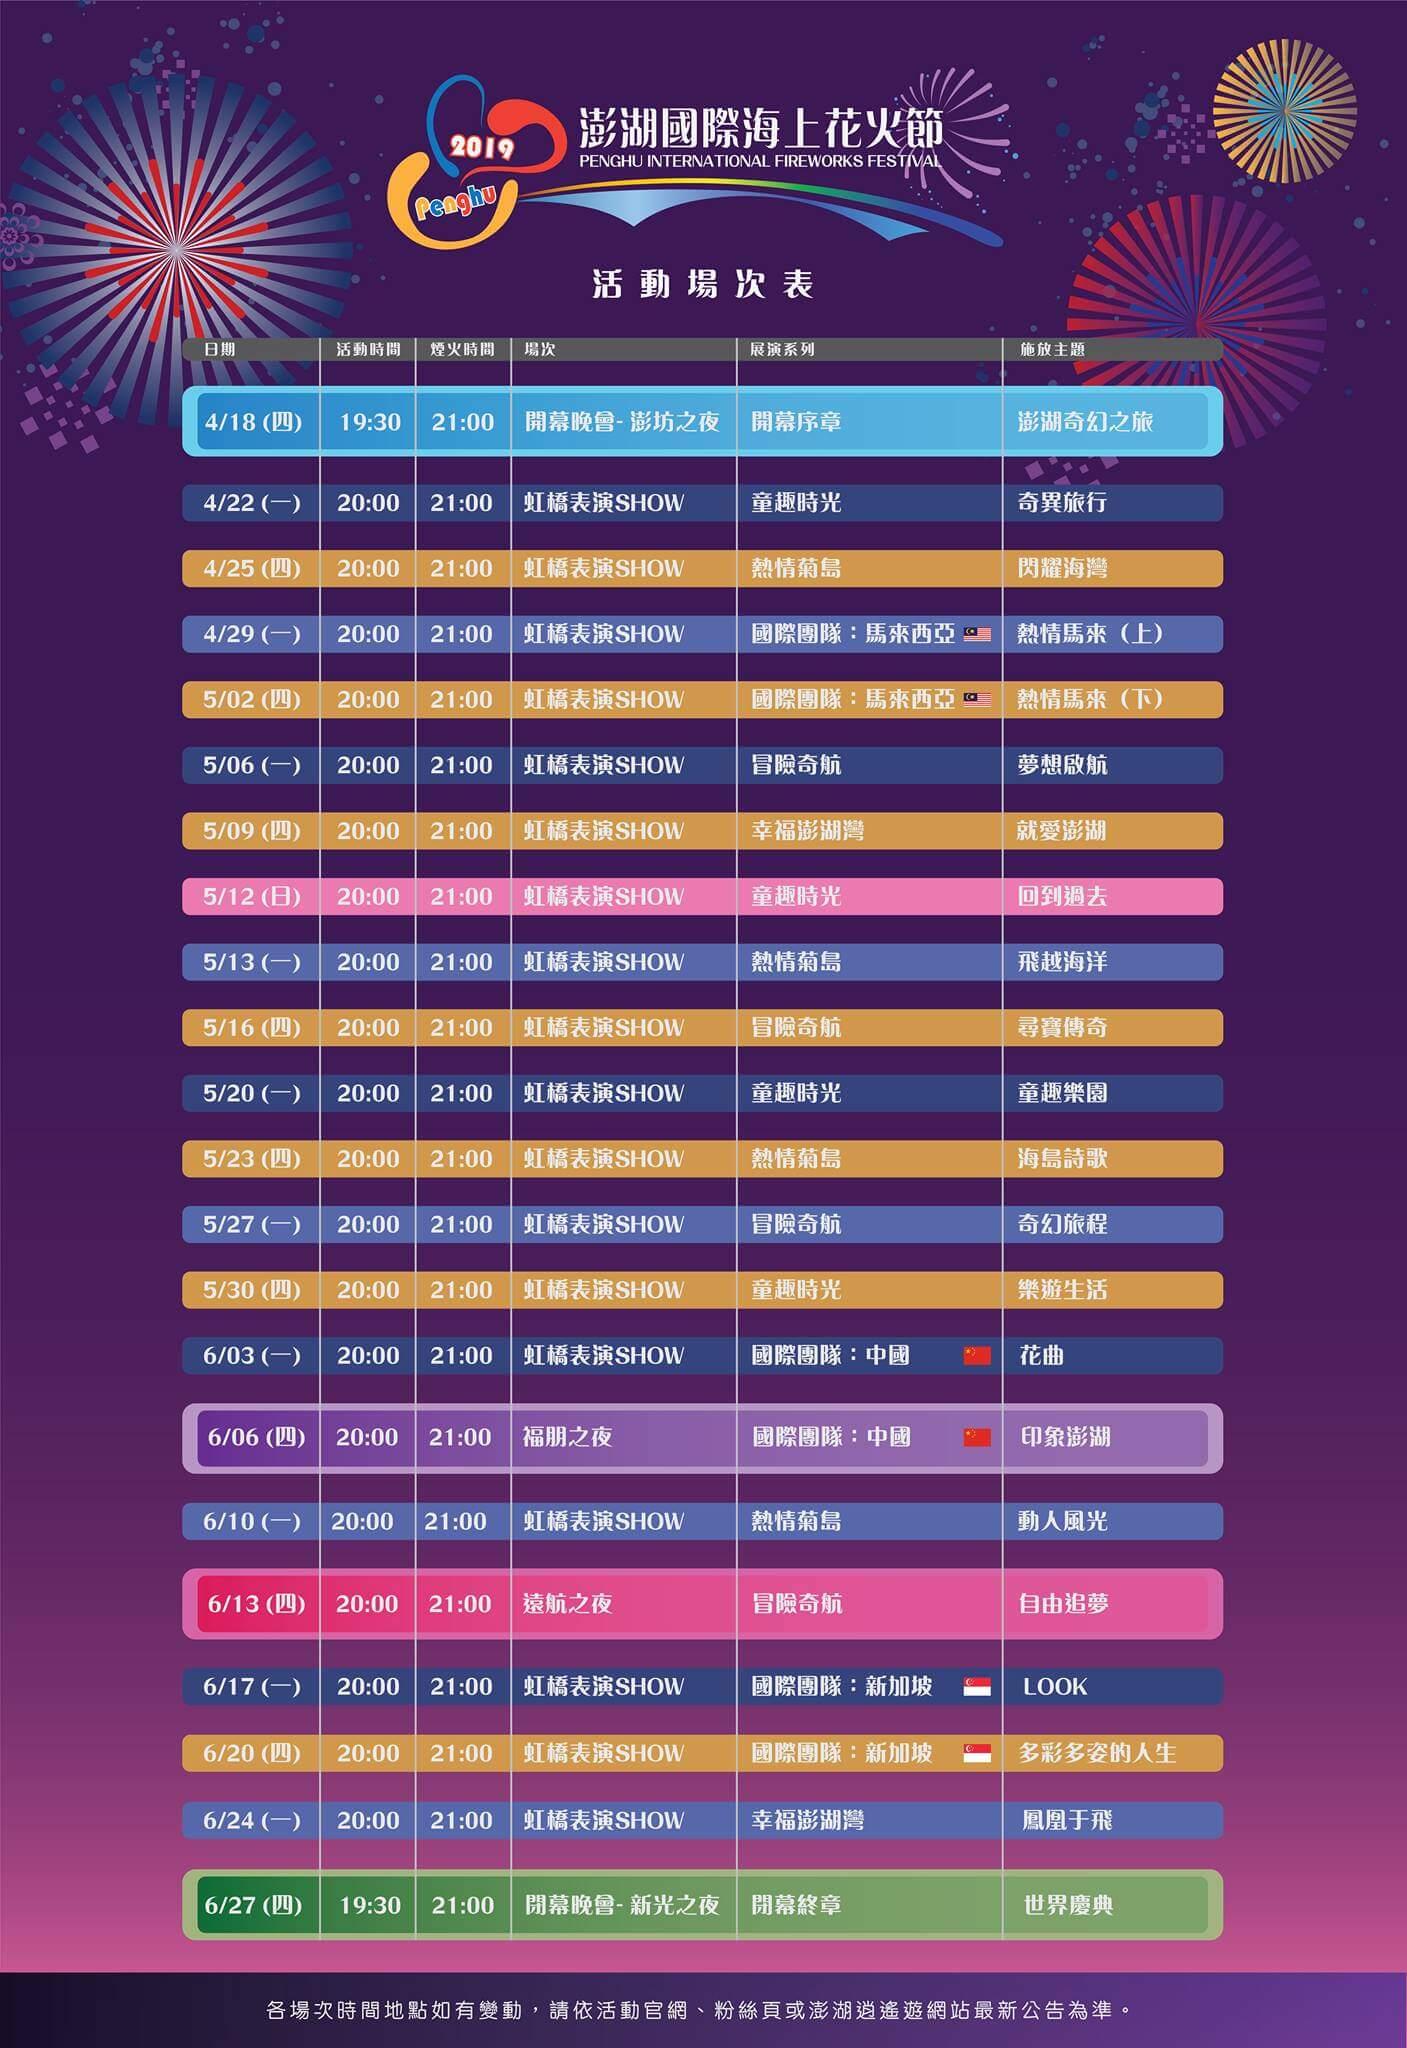 2019年澎湖国際海上花火フェスティバルのプログラム内容